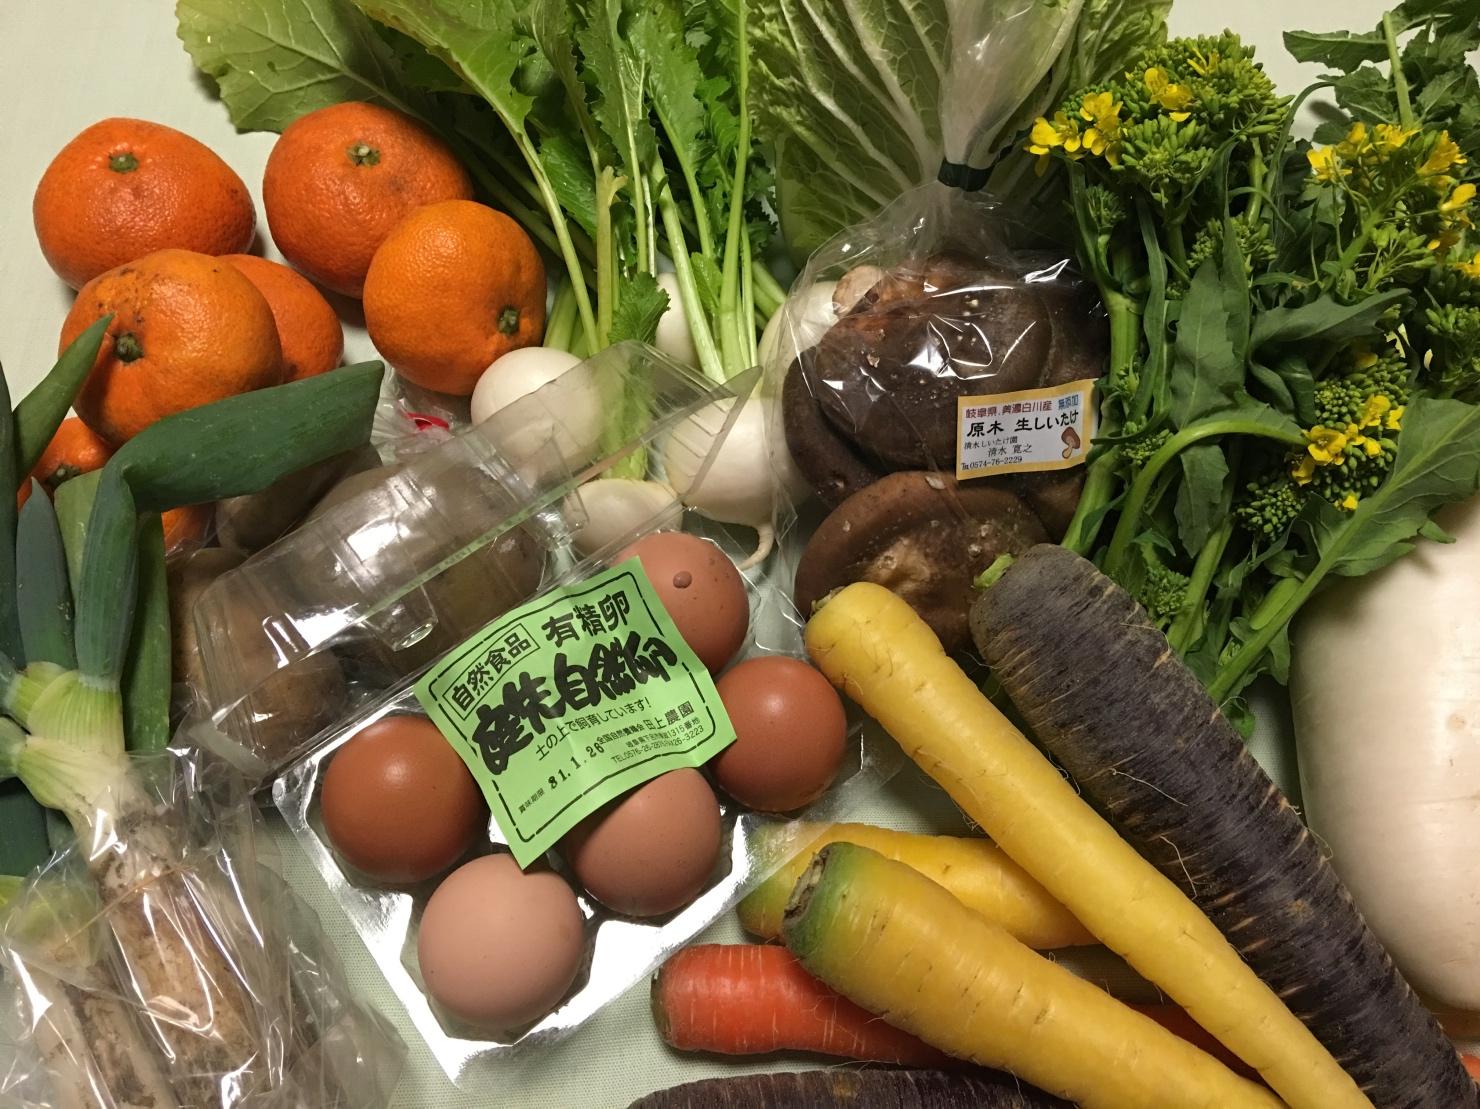 買い物した野菜や卵の写真